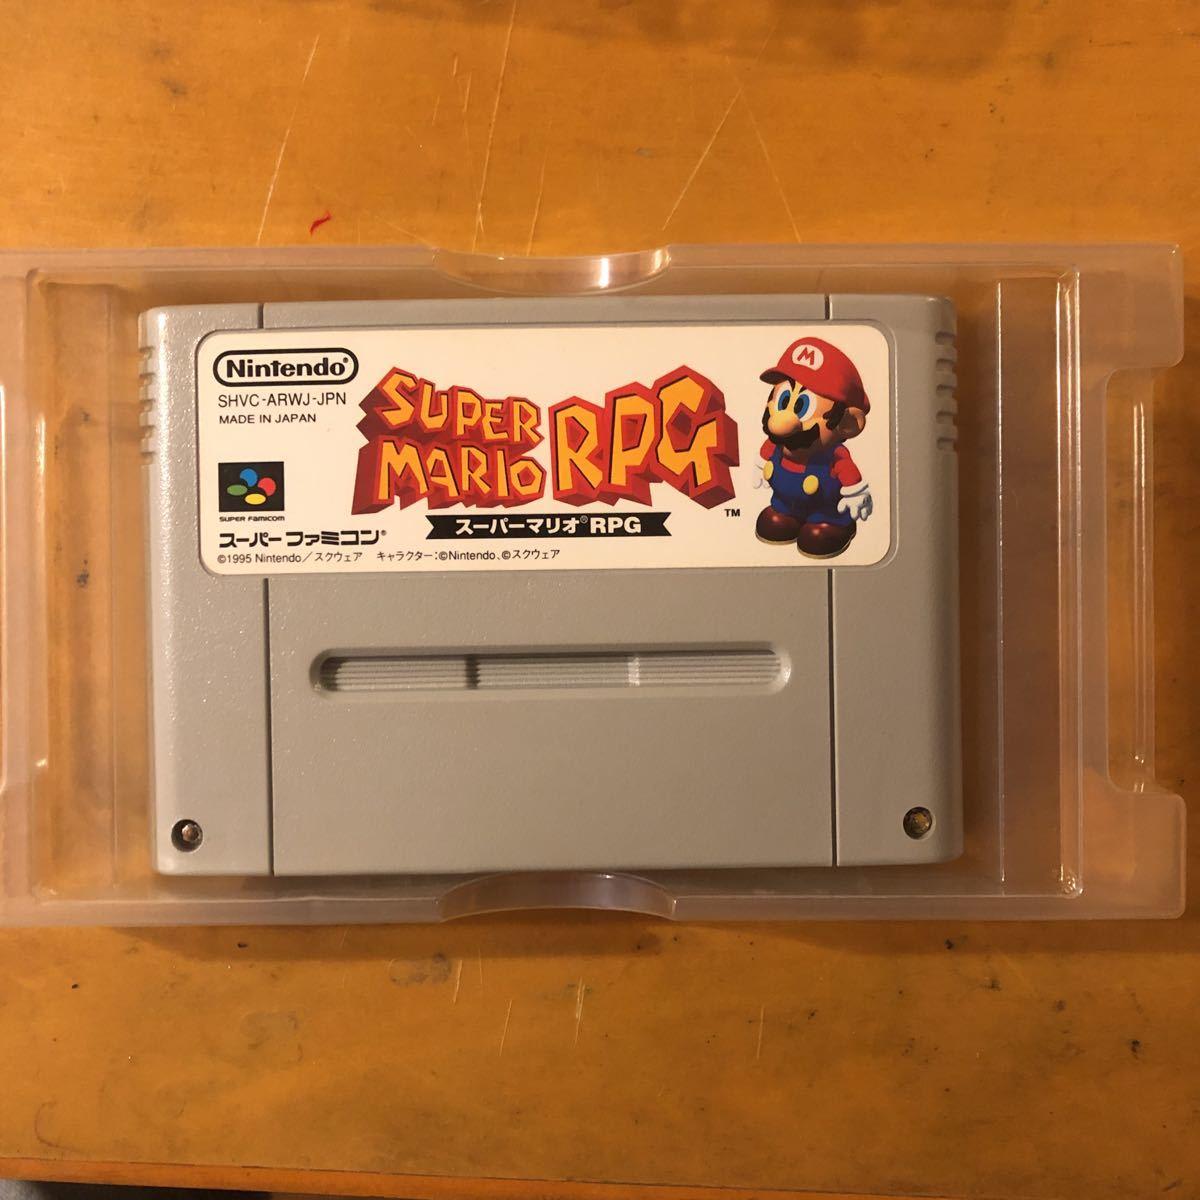 スーパーファミコン スーパーマリオRPG 電池交換済み、箱、説明書付